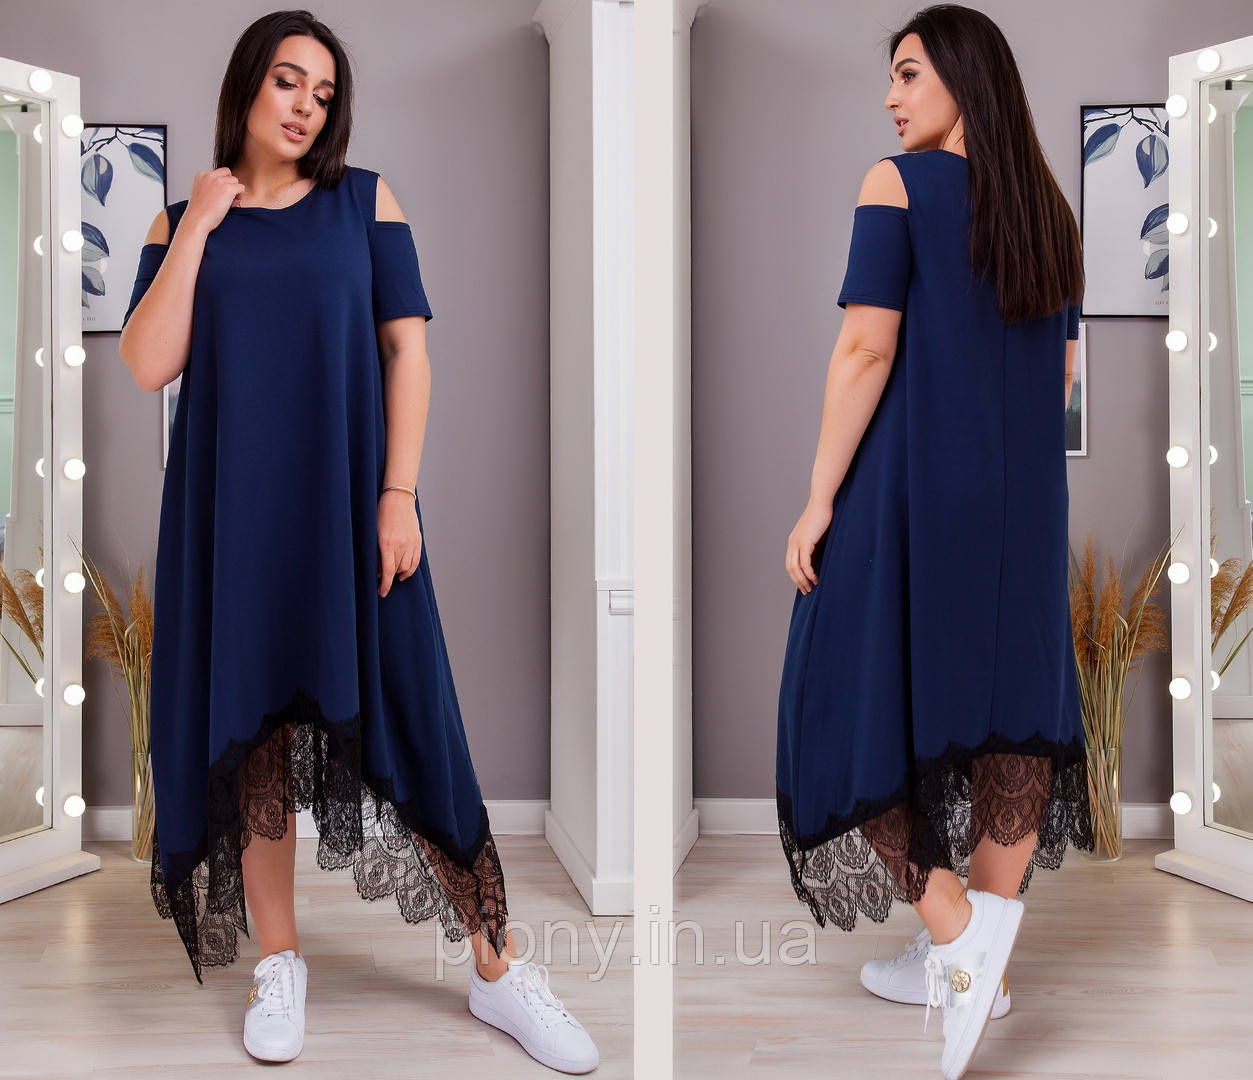 Жіноча Сукня вільного крою з мереживом Батал